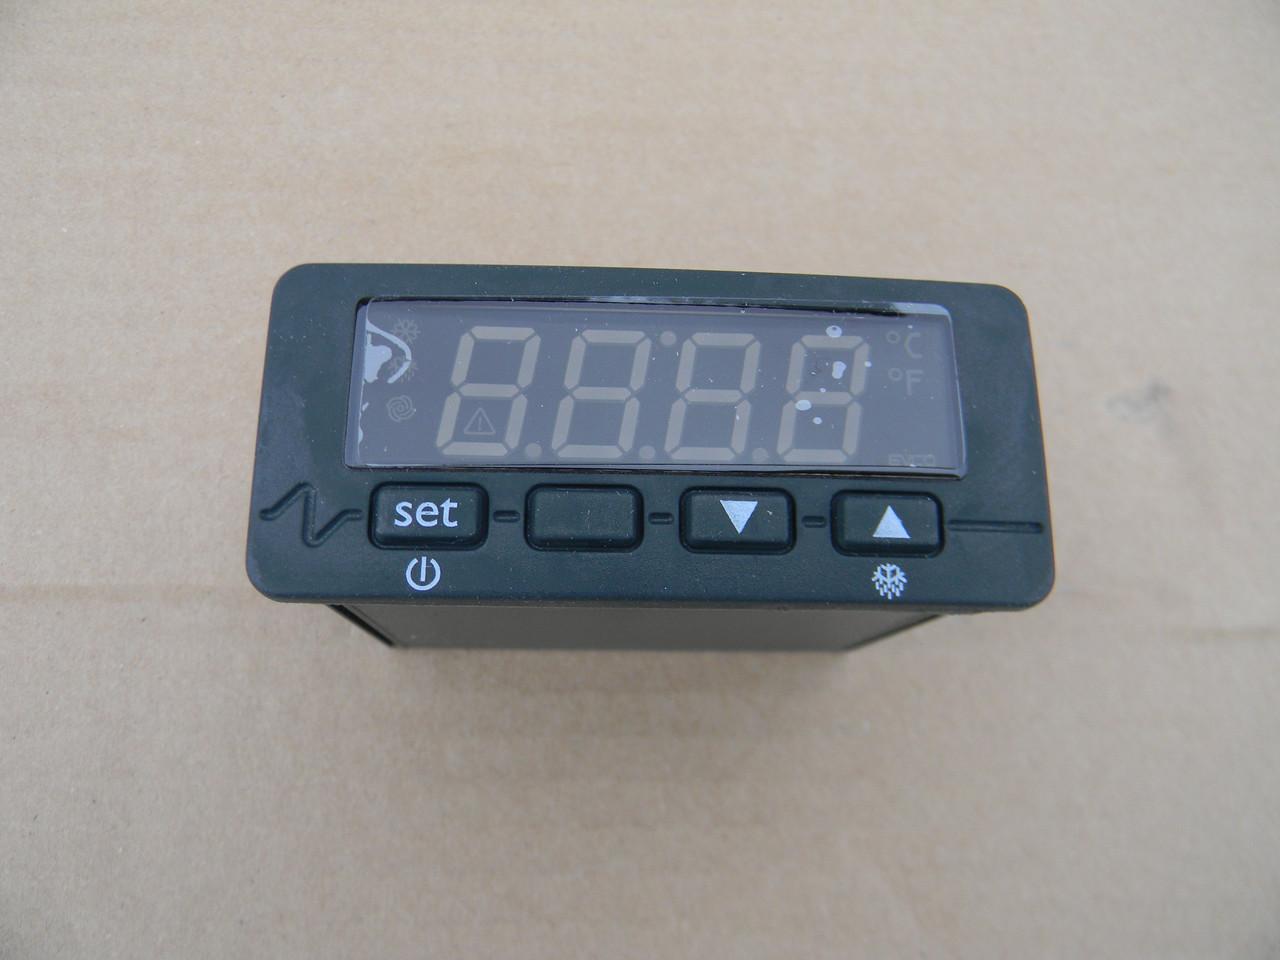 инструкция к контроллеру evkb 23,evkb33